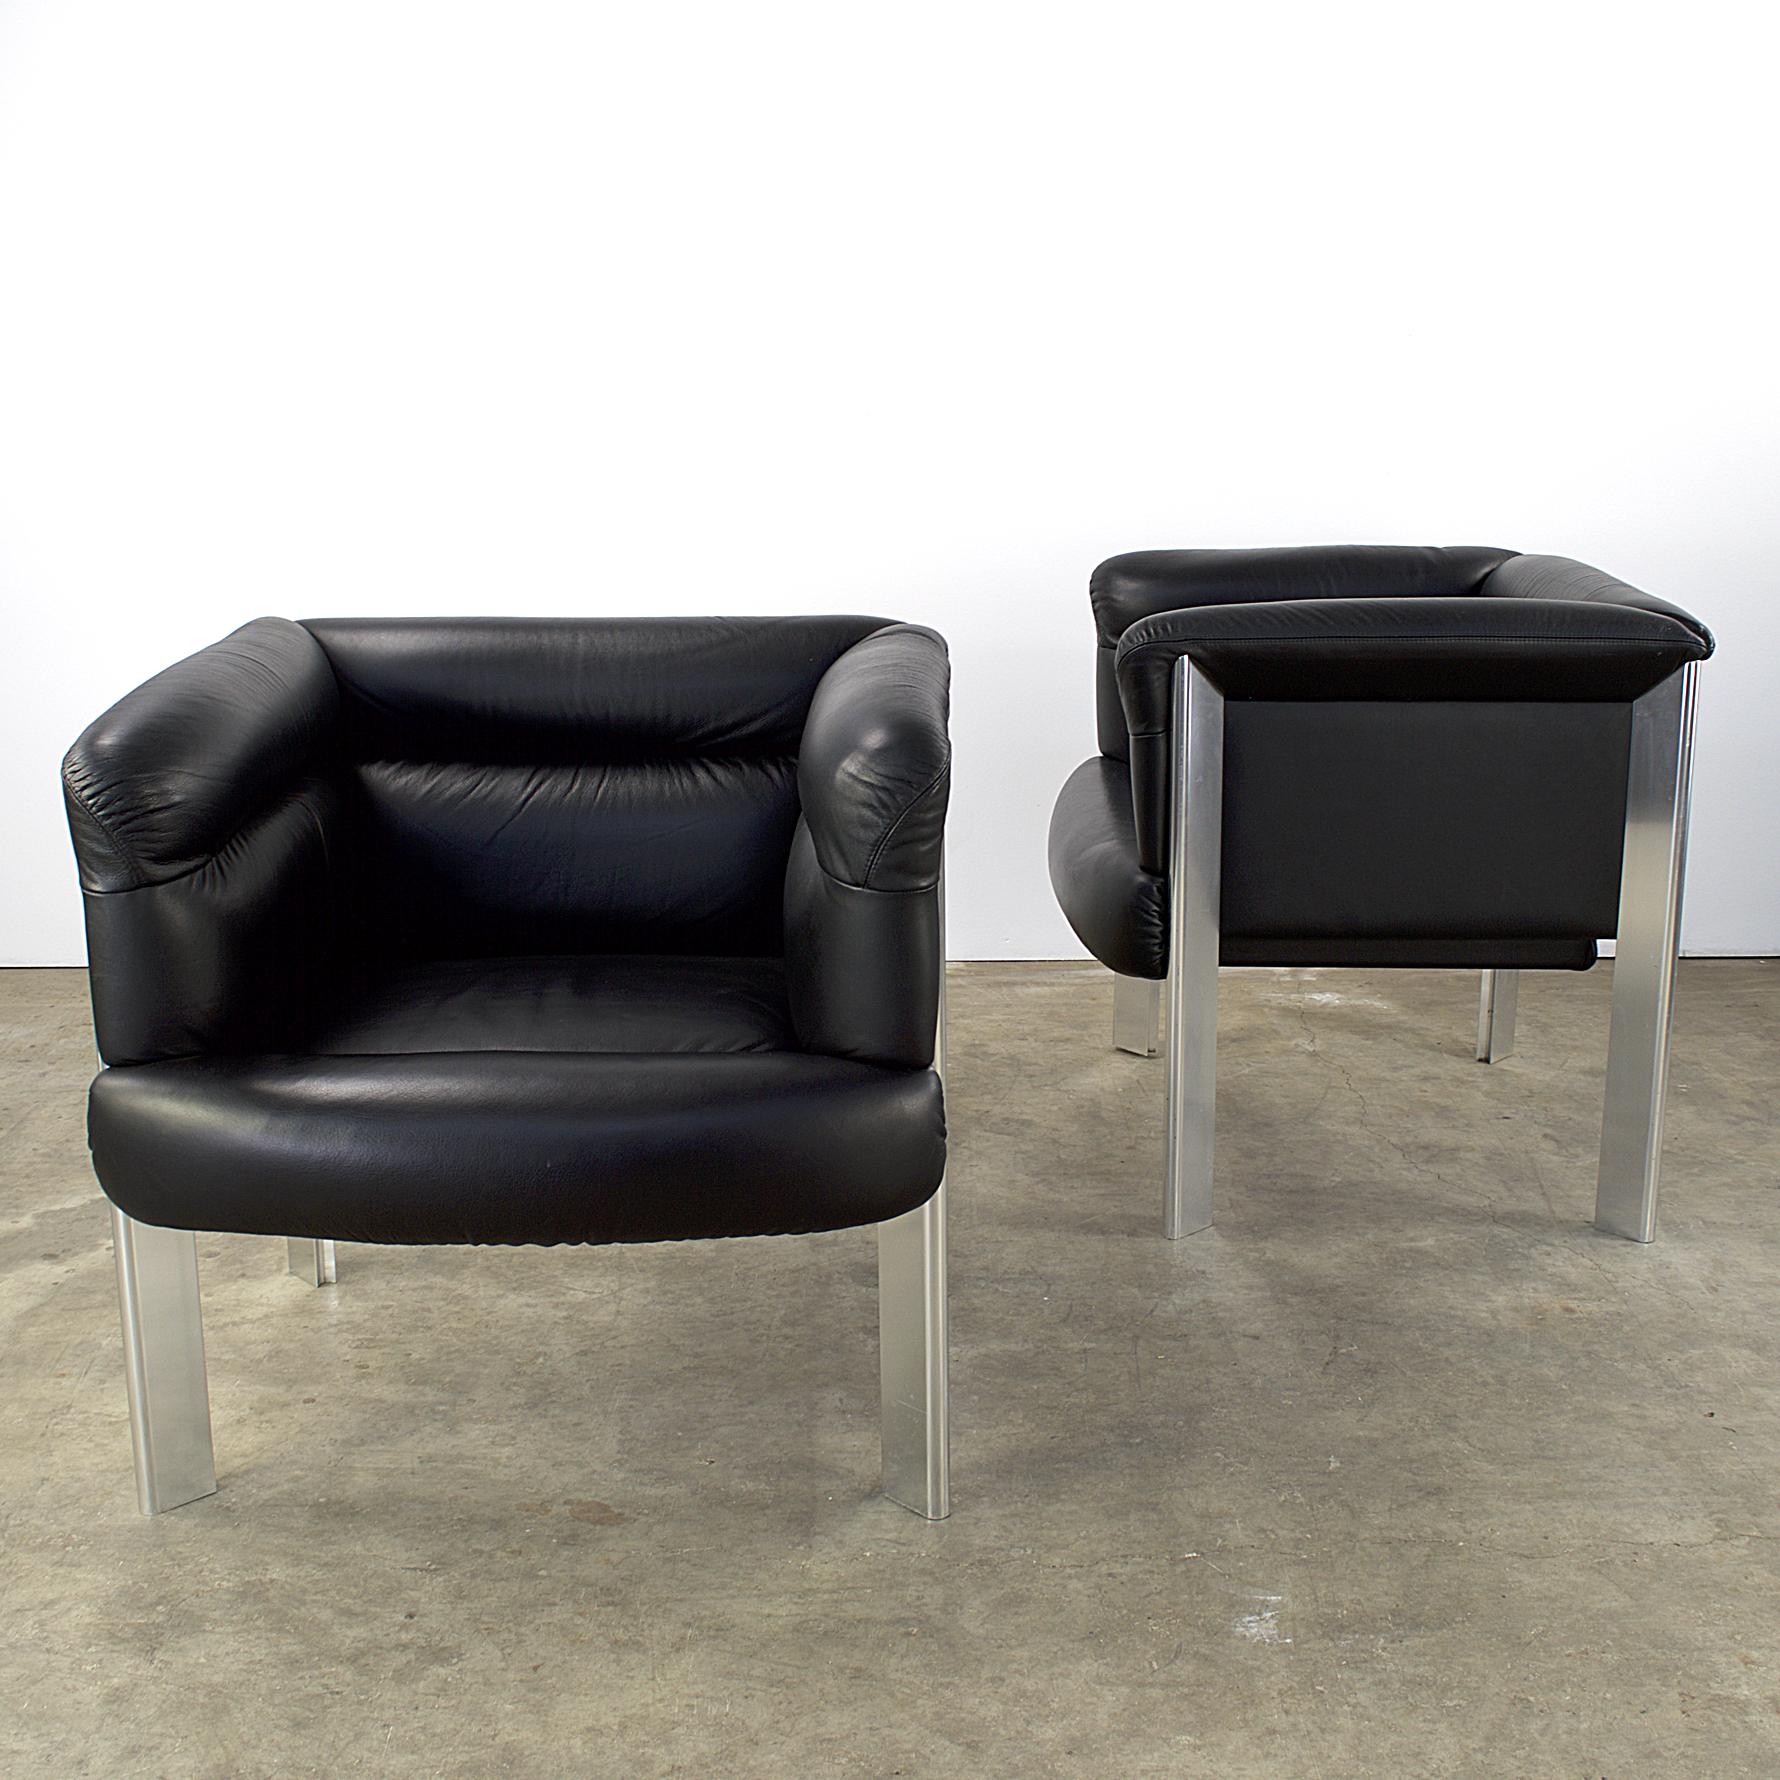 poltrona frau sc20 chairs lounge chair, fauteuil, chair